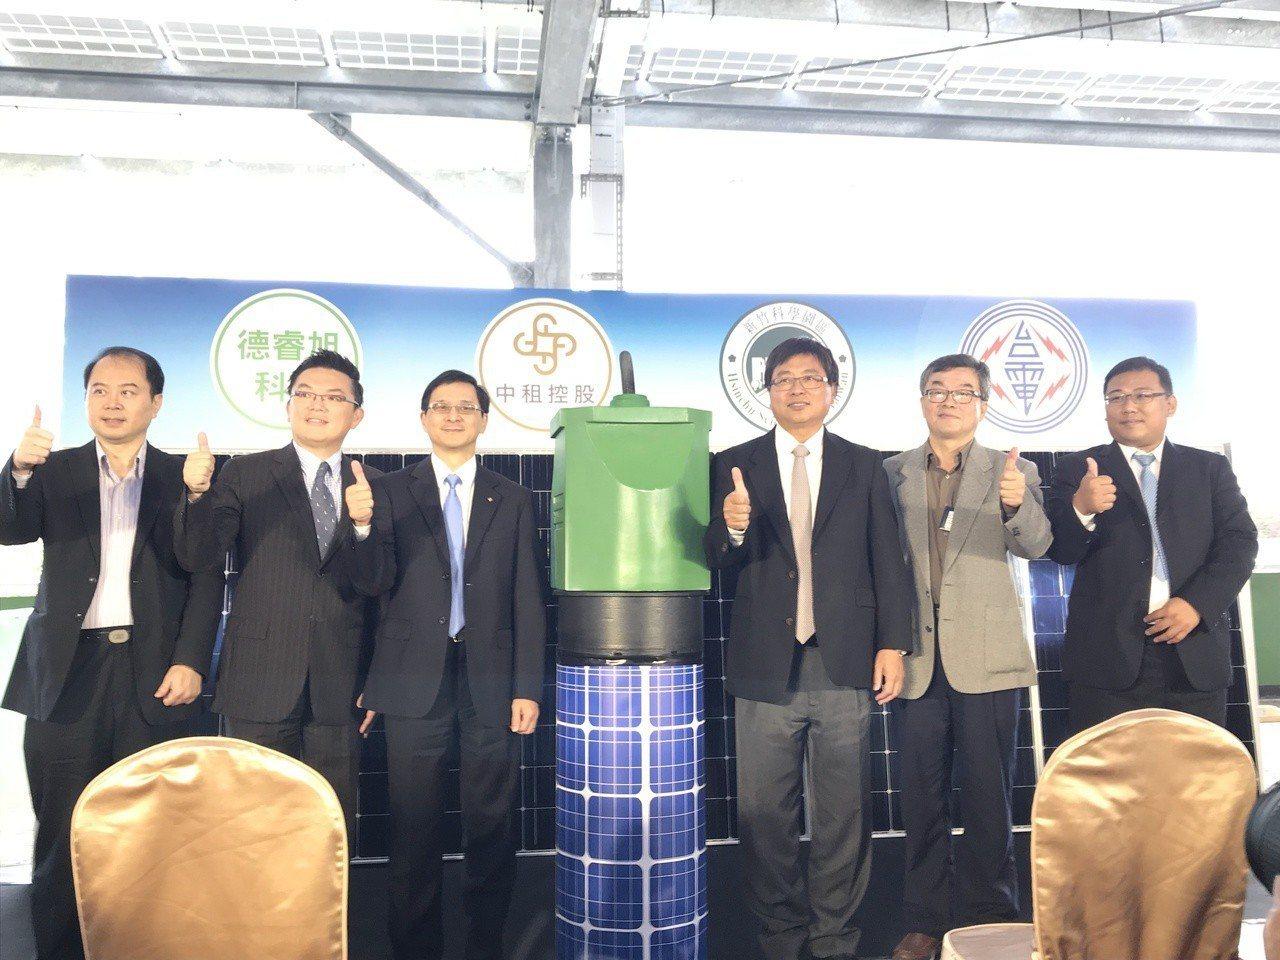 中租今啟用竹科停車場型太陽能電廠 。記者李珣瑛/攝影